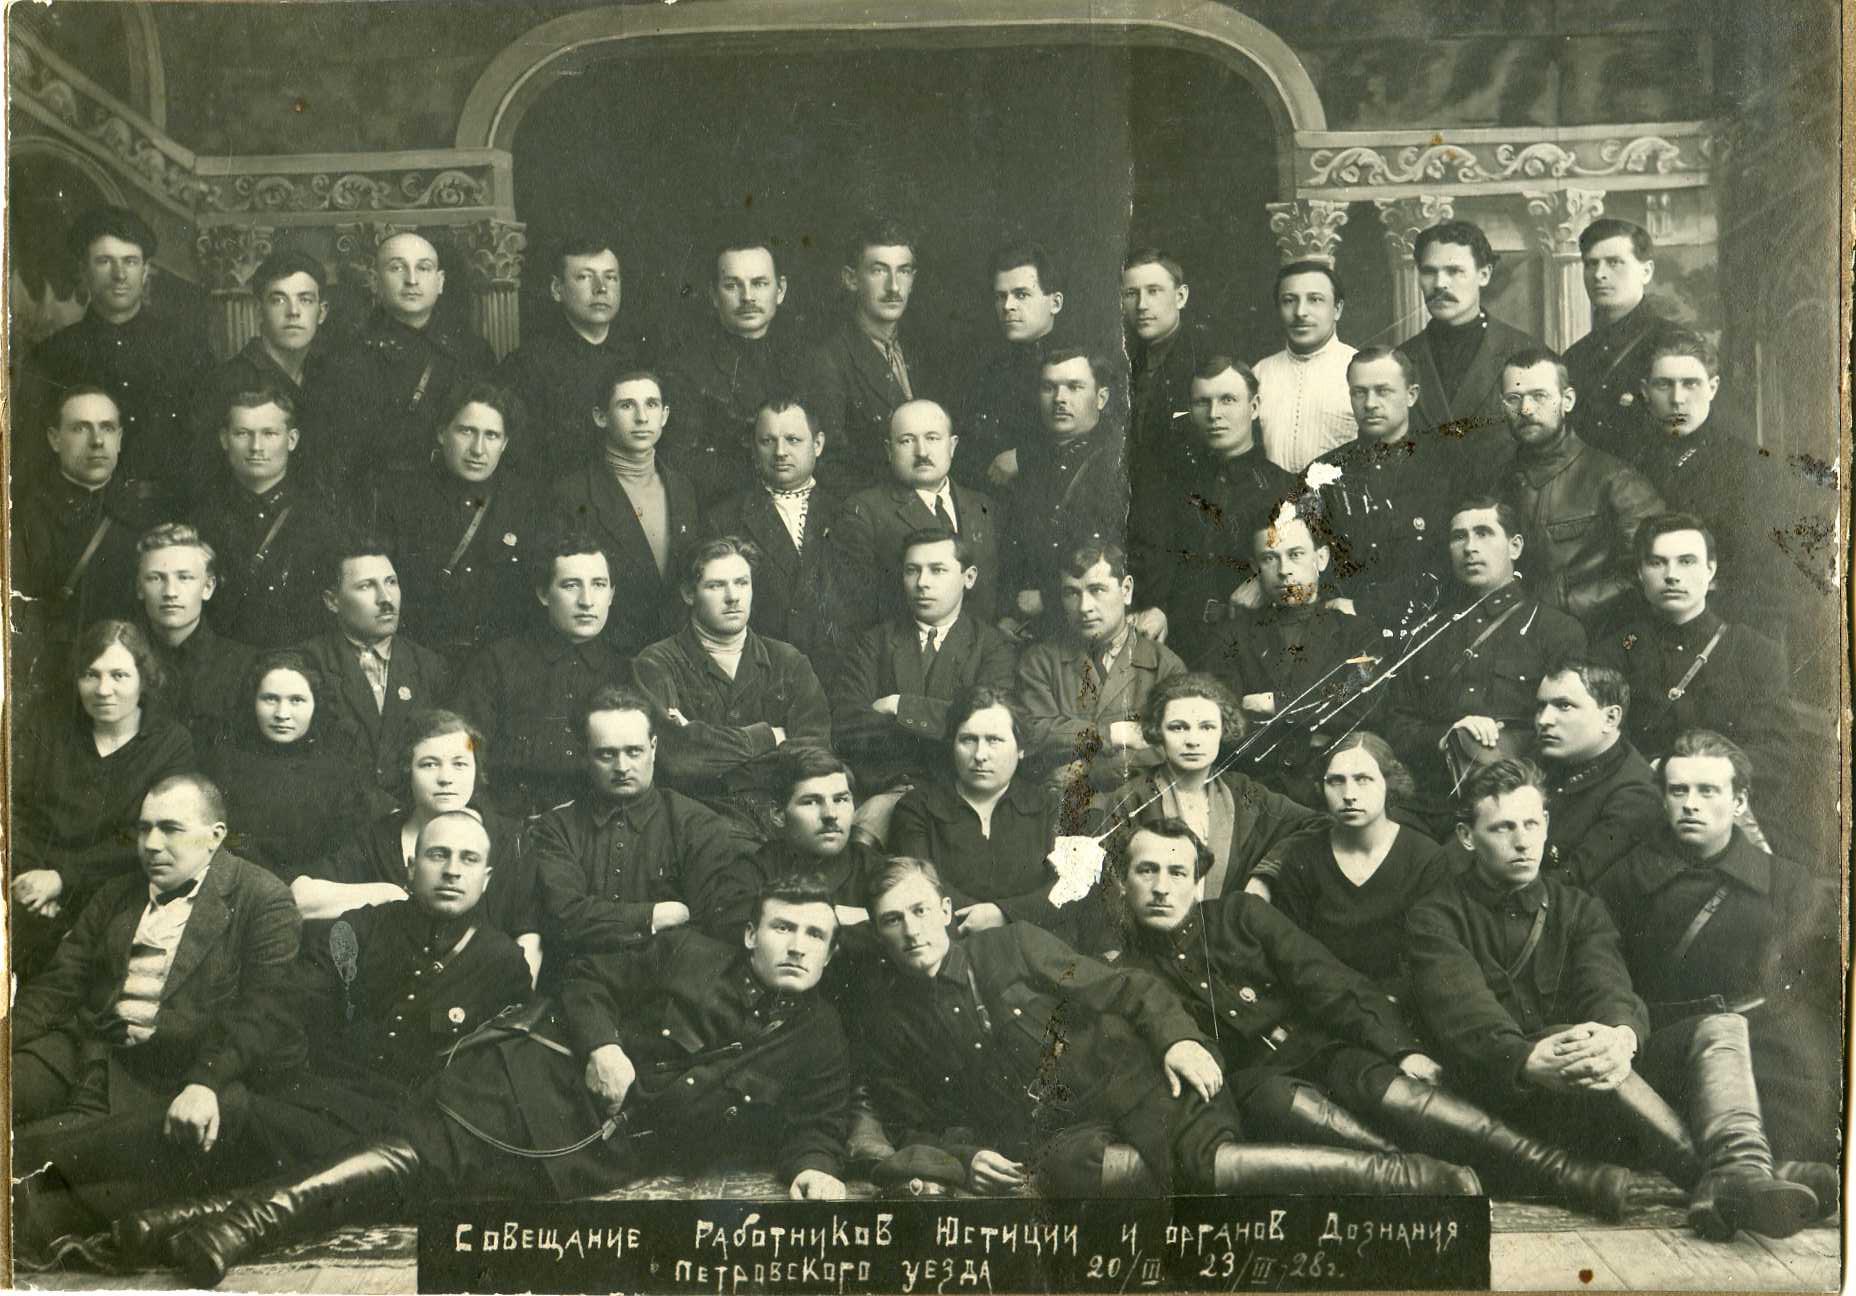 1928. Совещание работников юстиции и органов дознания Петровского уезда